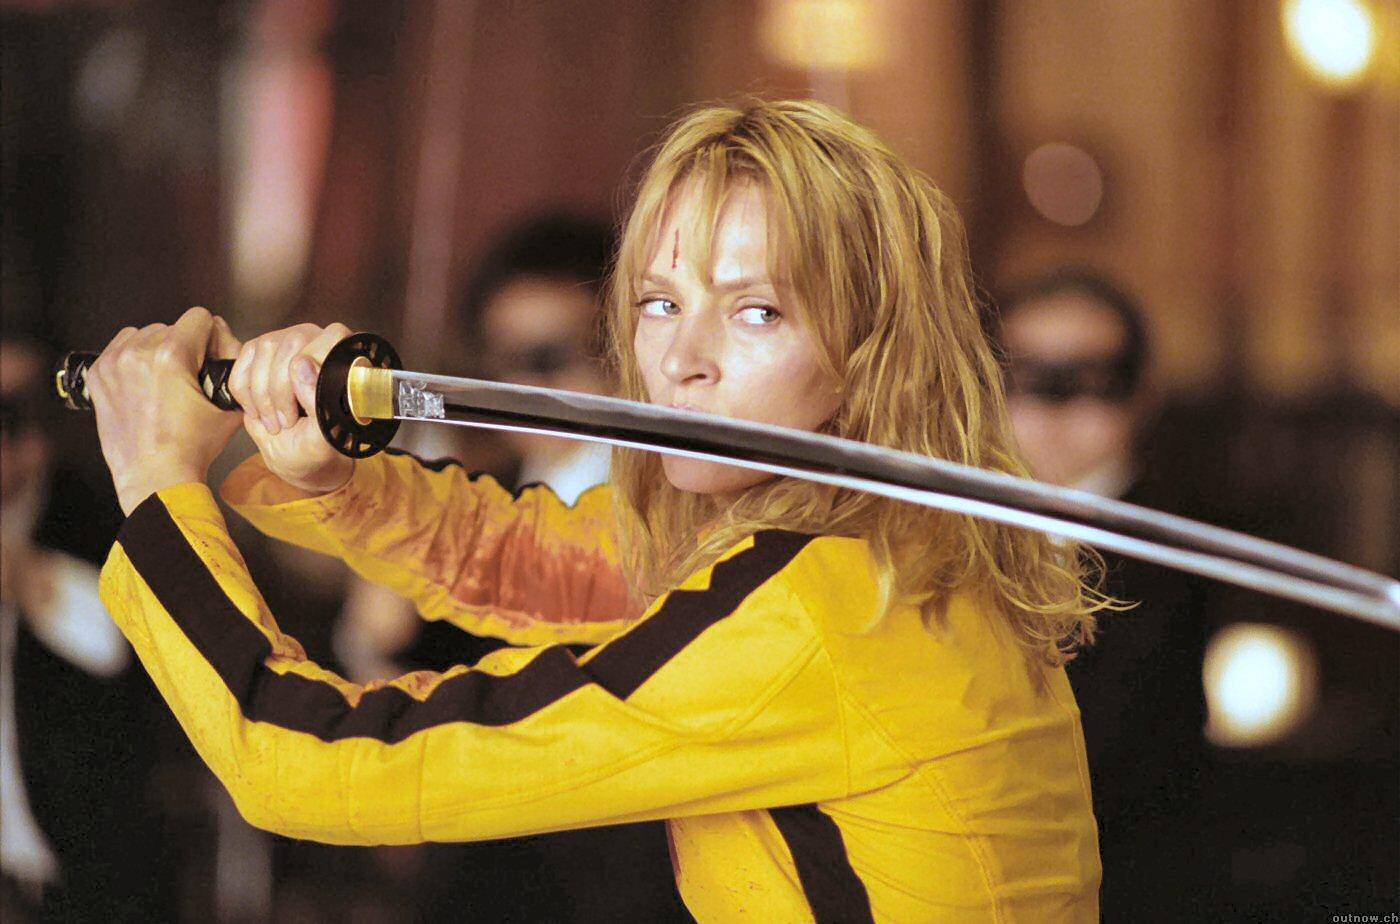 My Son 2006 Full Movie >> Kill Bill: Vol. 1 (2003) & Kill Bill: Vol. 2 (2004) | Cinemassacre Productions